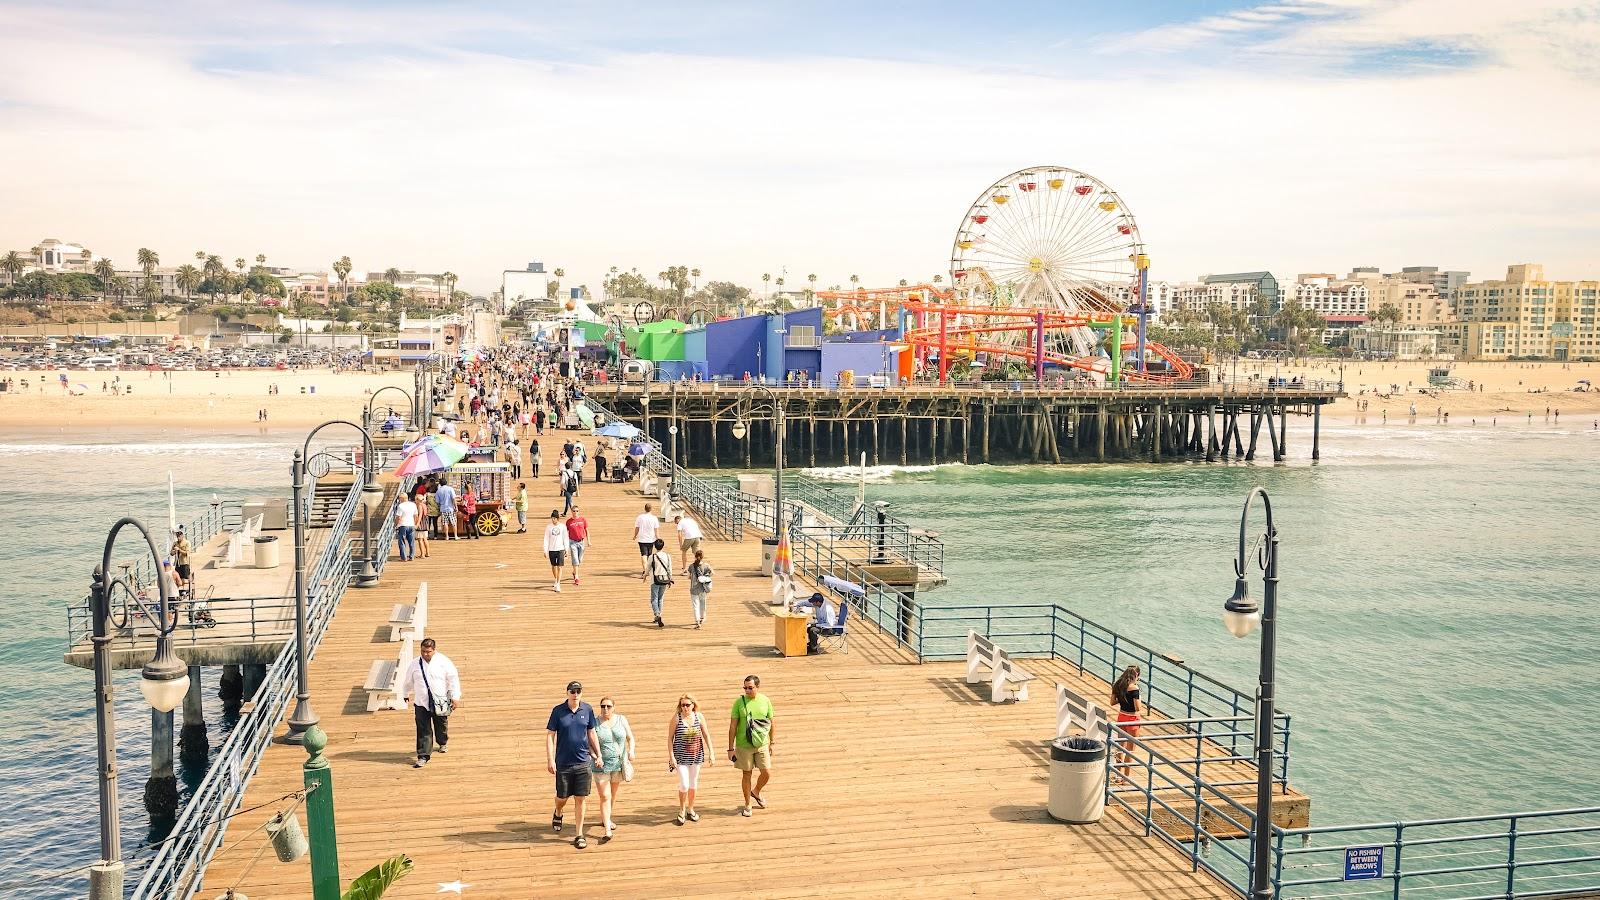 People walking on Santa Monica Pier